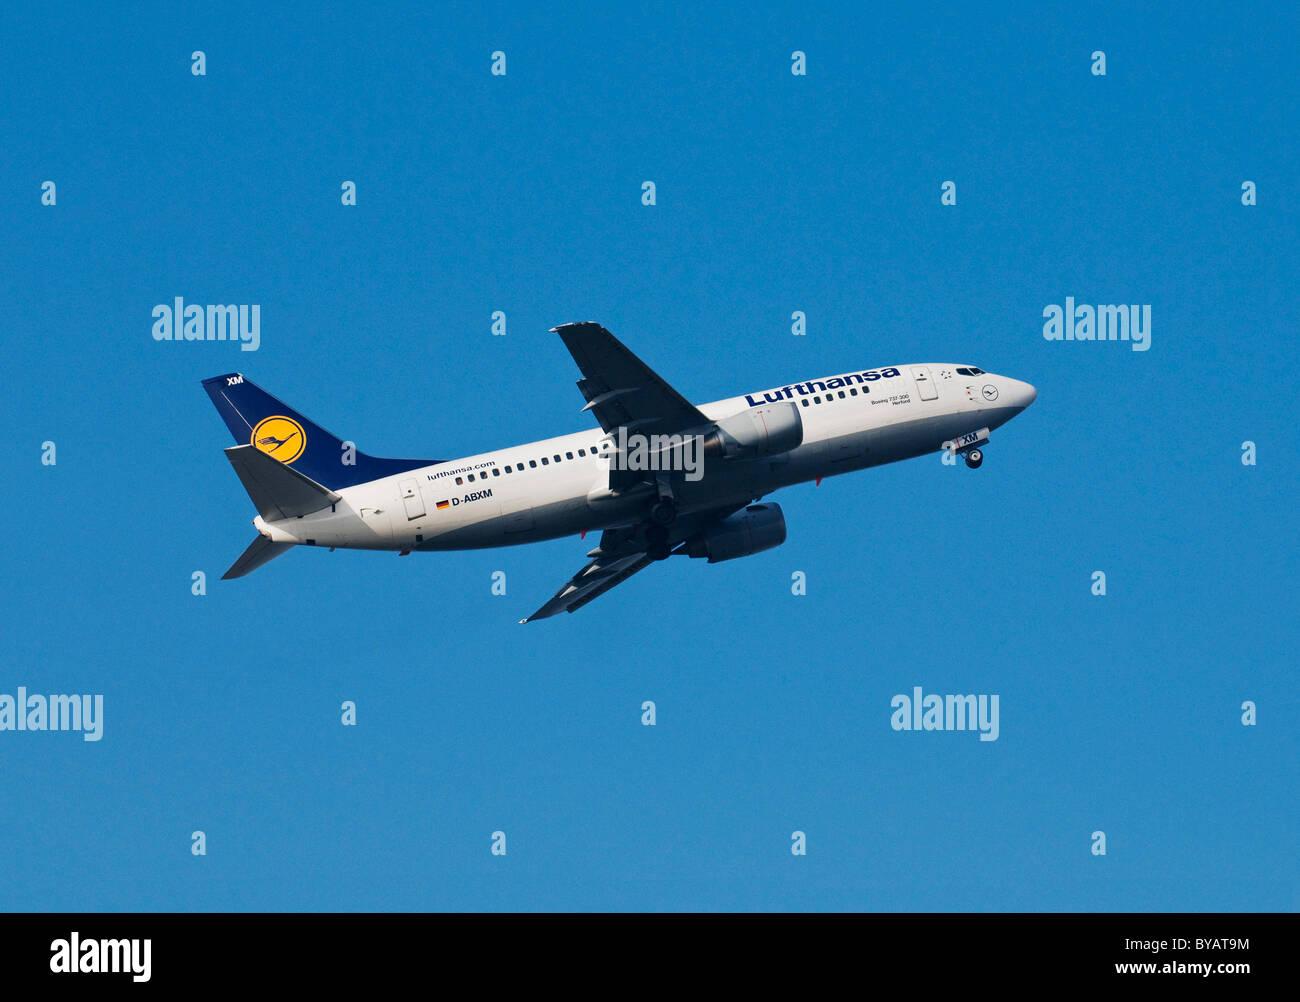 Des avions de la compagnie aérienne Lufthansa, Boeing 737-300, nommé Plan d'Herford, escalade Photo Stock